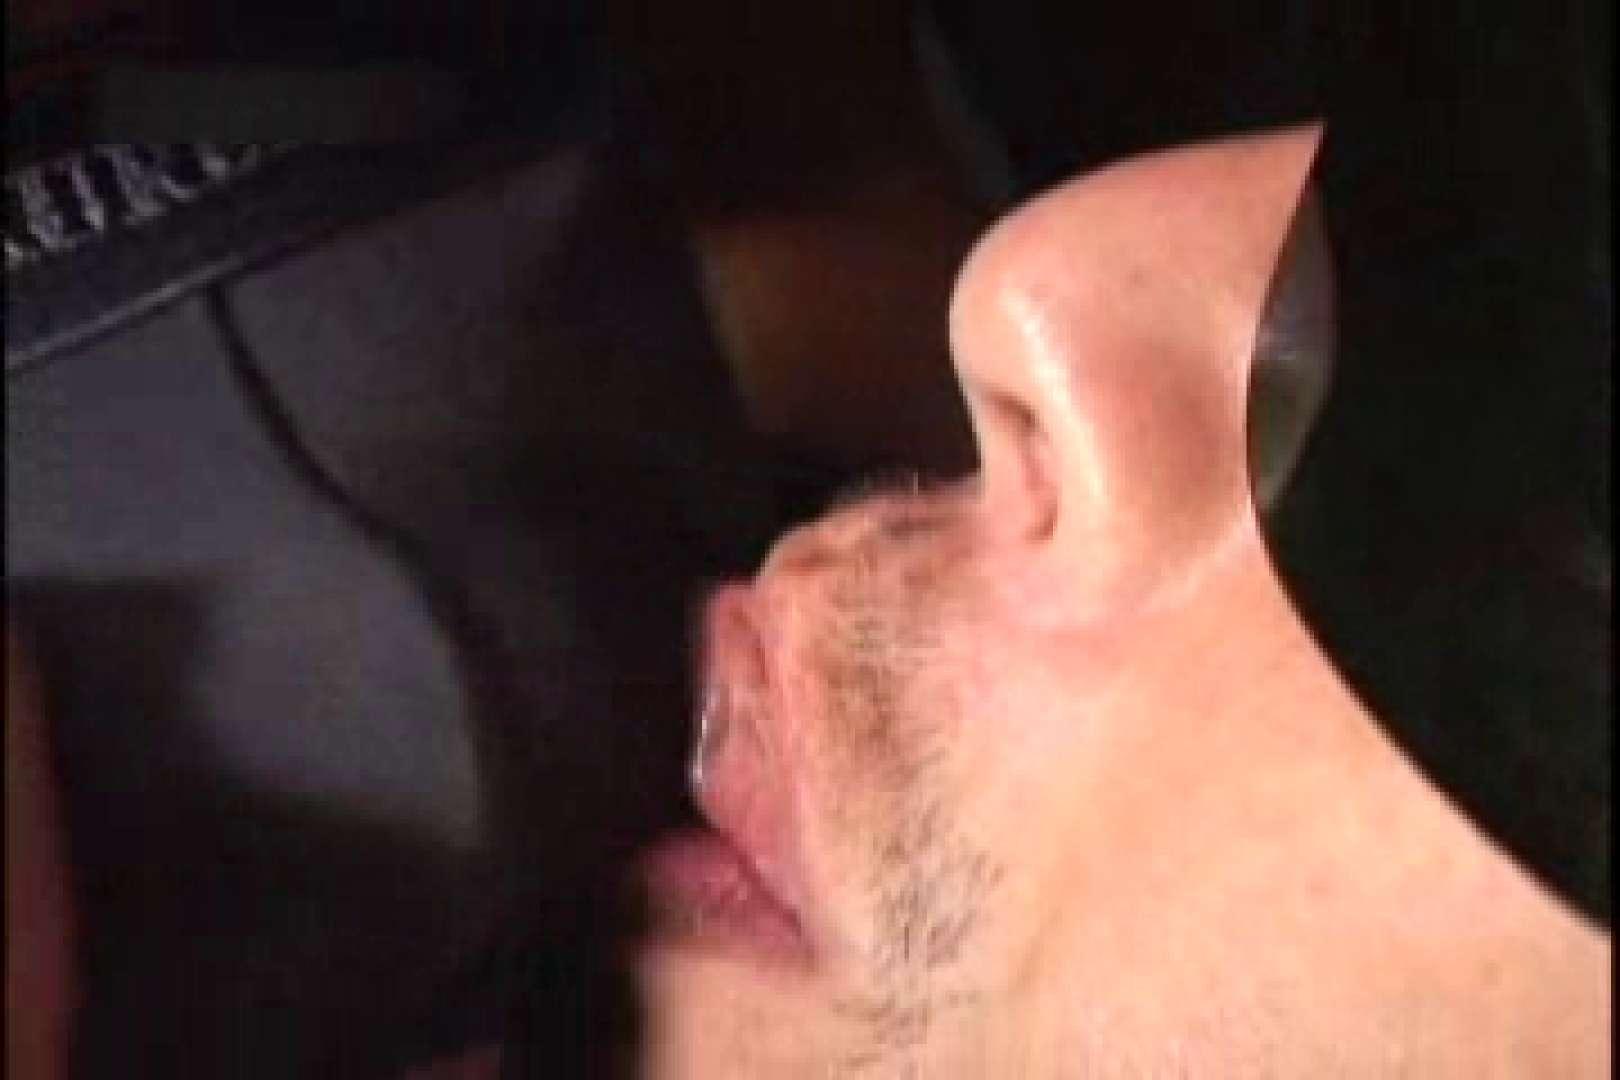 【期間限定】大集合!!カッコ可愛いメンズの一穴入根!!vol59 菊指 ゲイアダルトビデオ画像 110枚 34